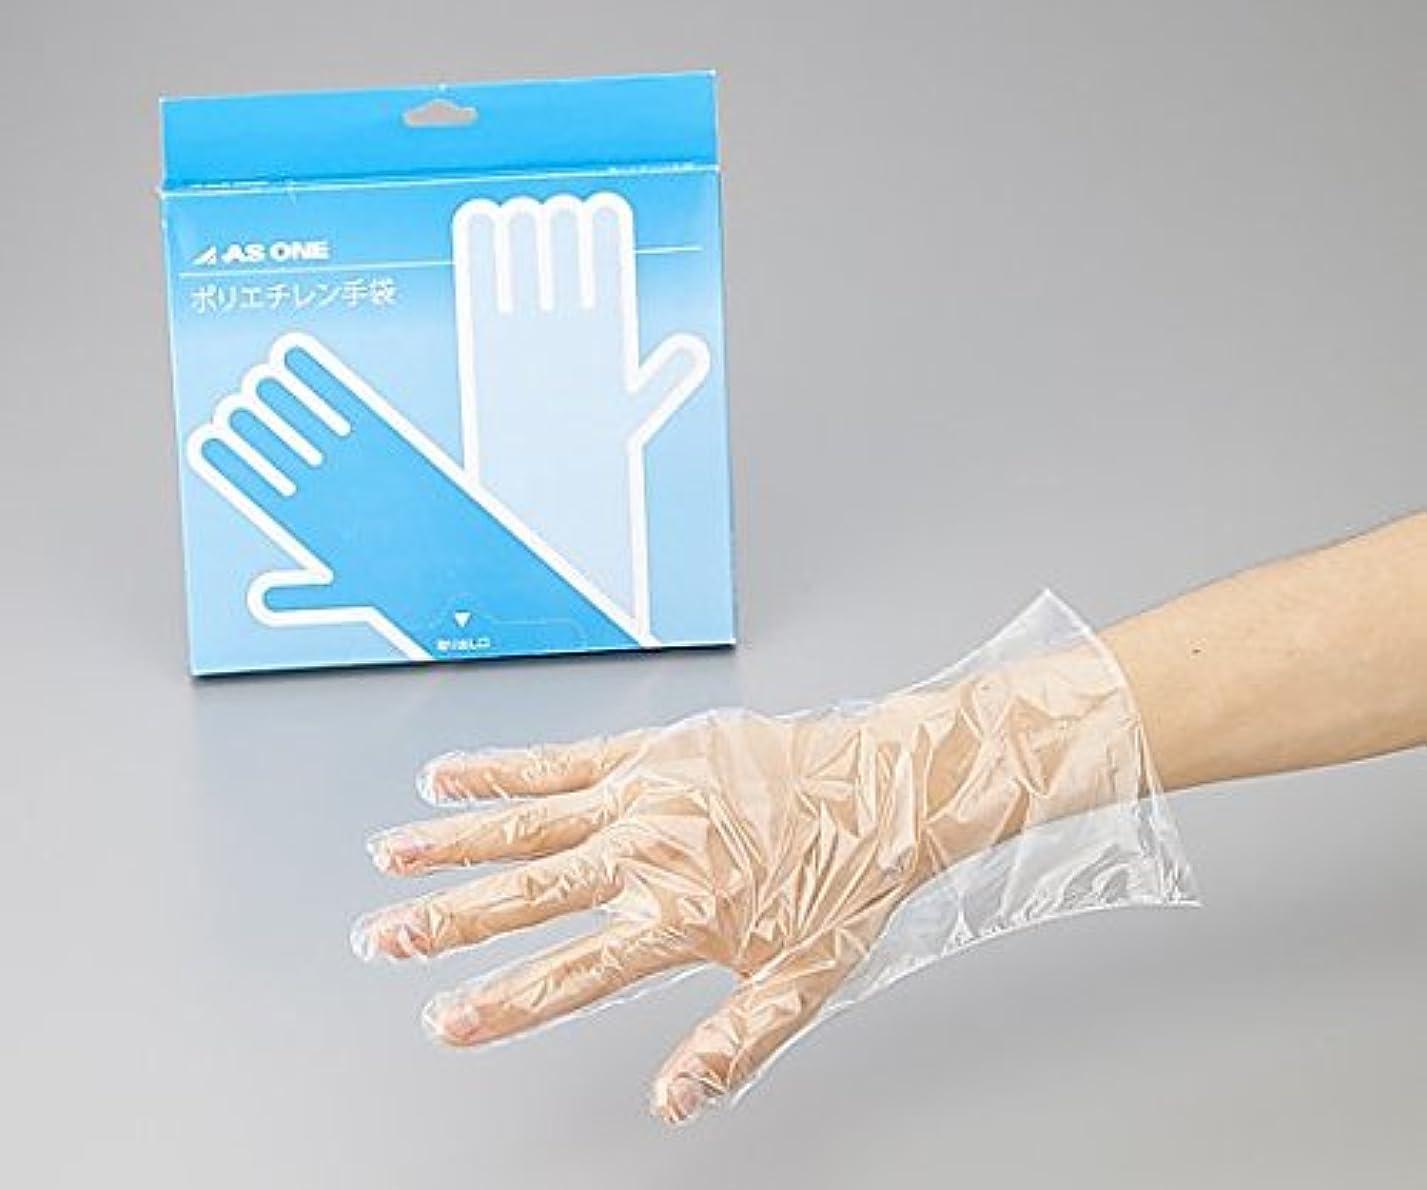 コアわな登録するアズワン2-4973-02ポリエチレン手袋スタンダード標準厚M100枚入